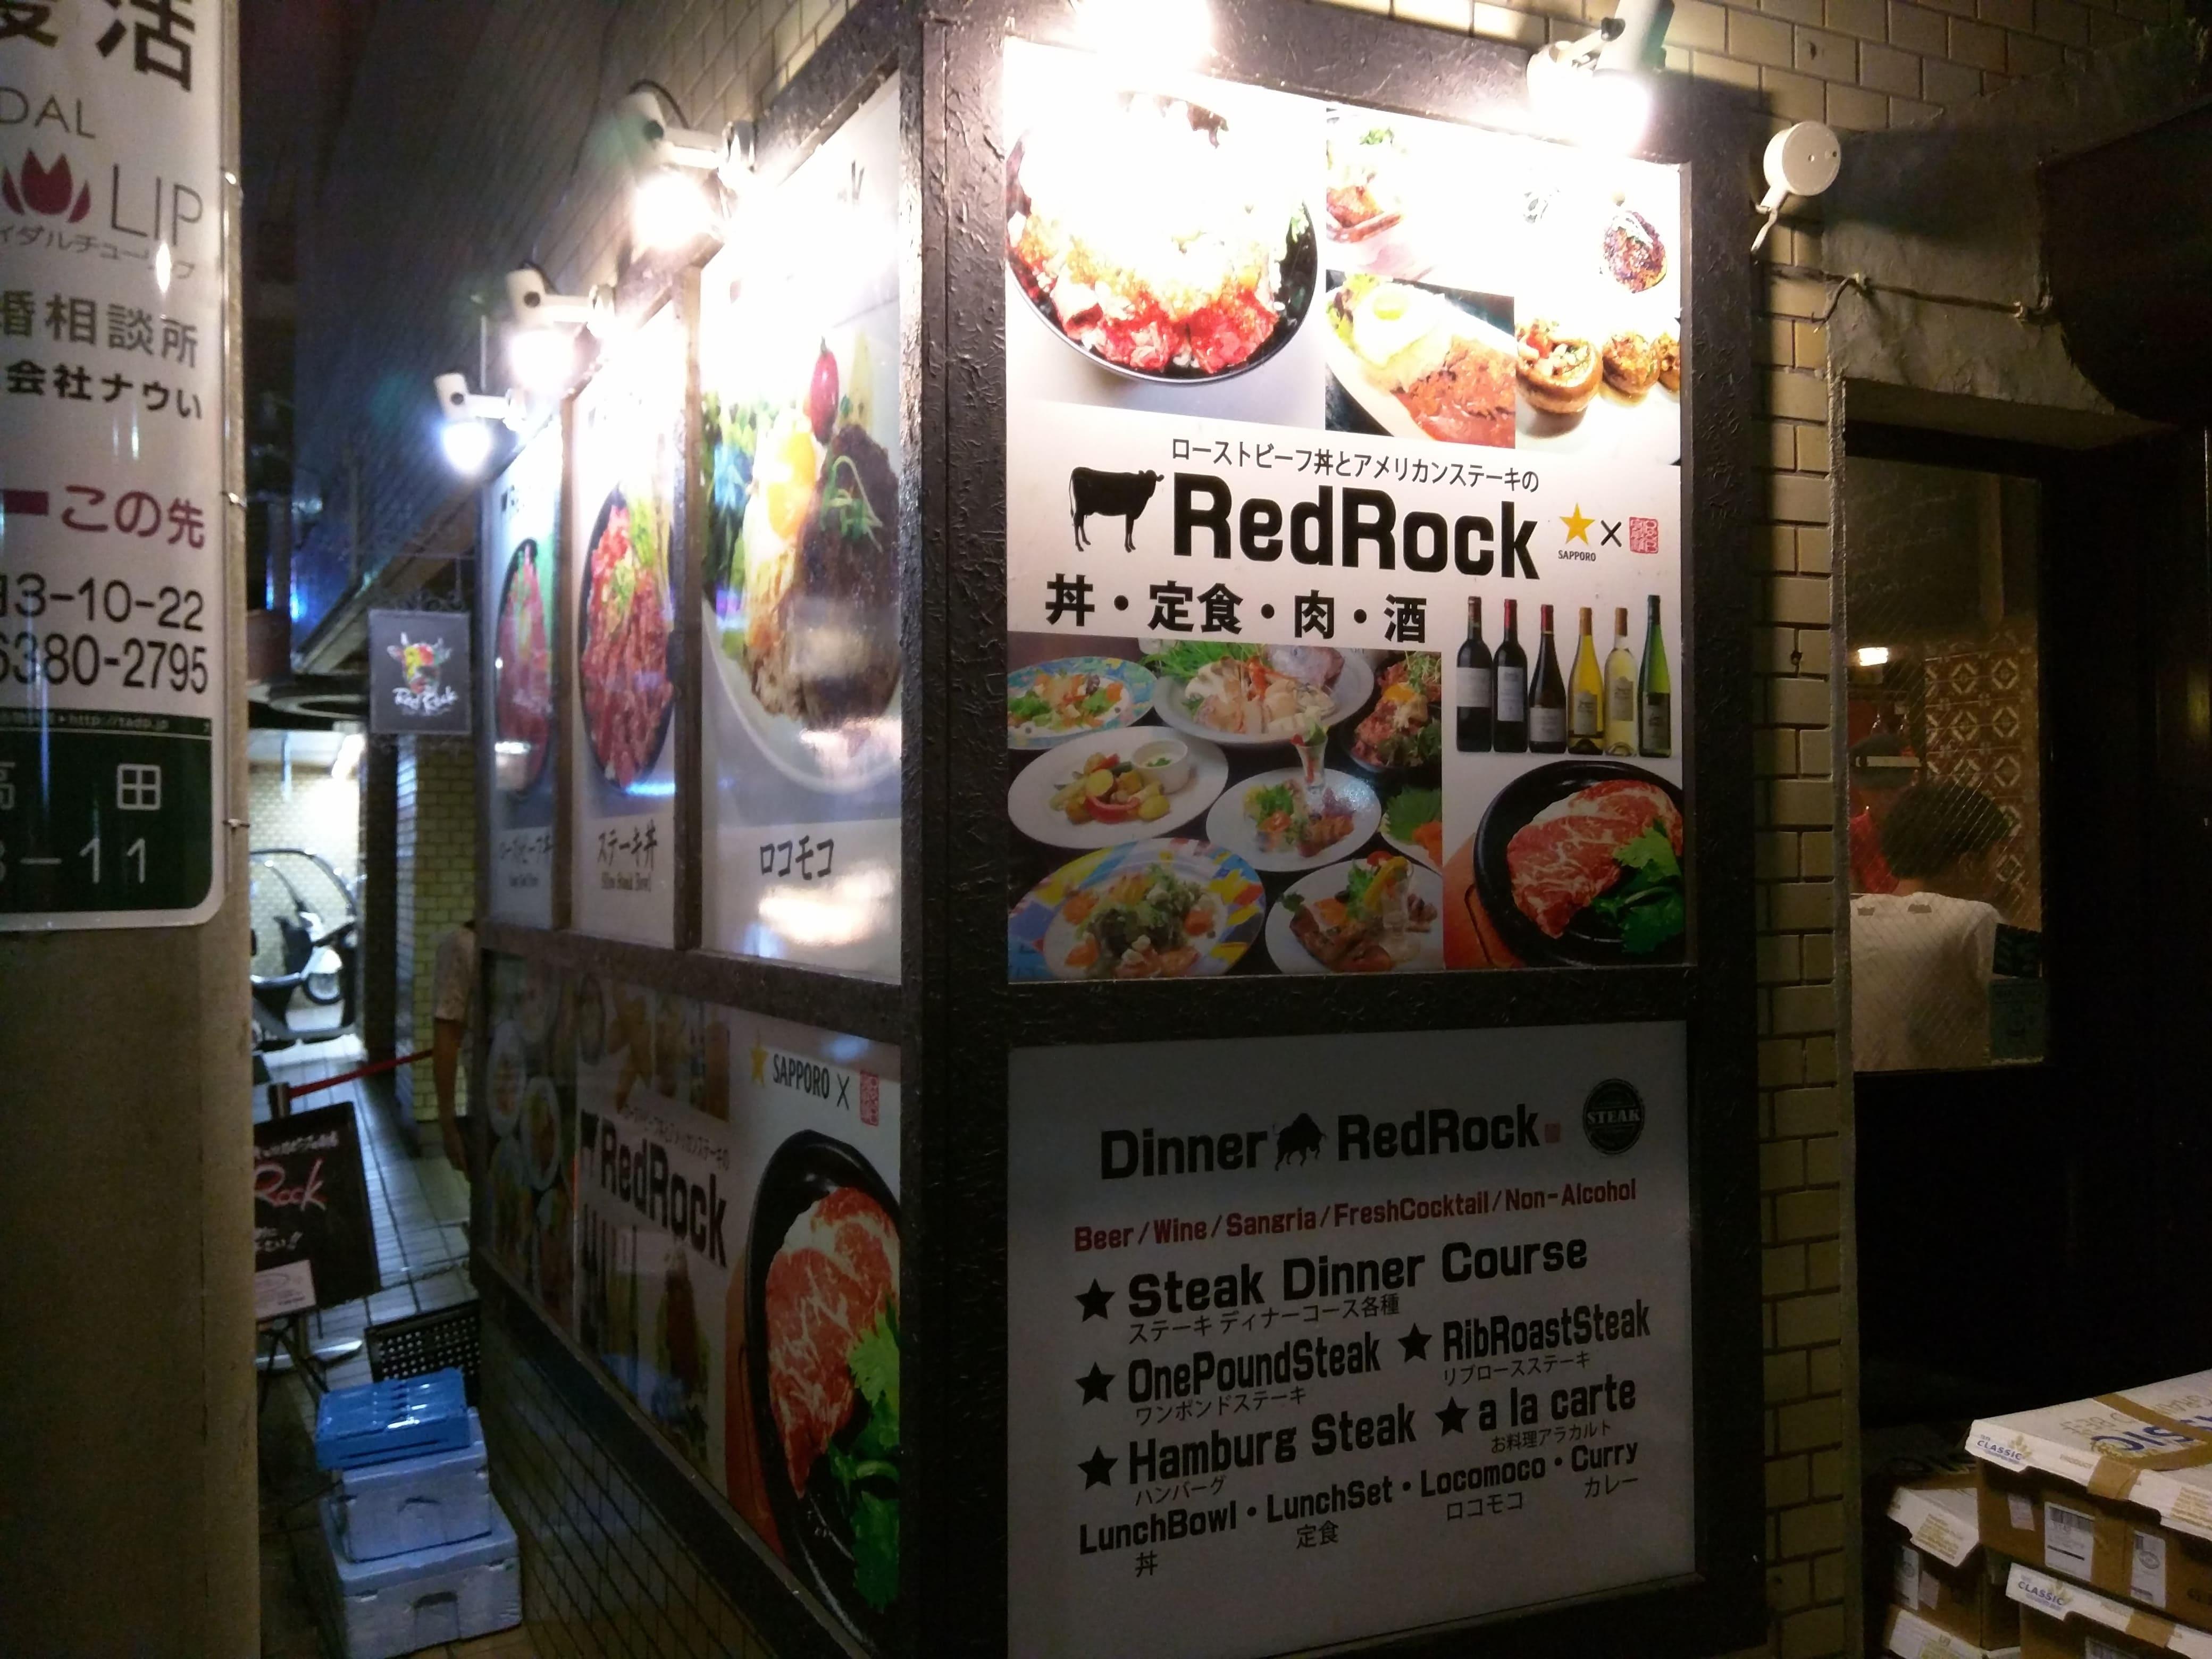 一度は食べておいたほうがいい?ローストビーフ丼 ~ 高田馬場 レッドロック